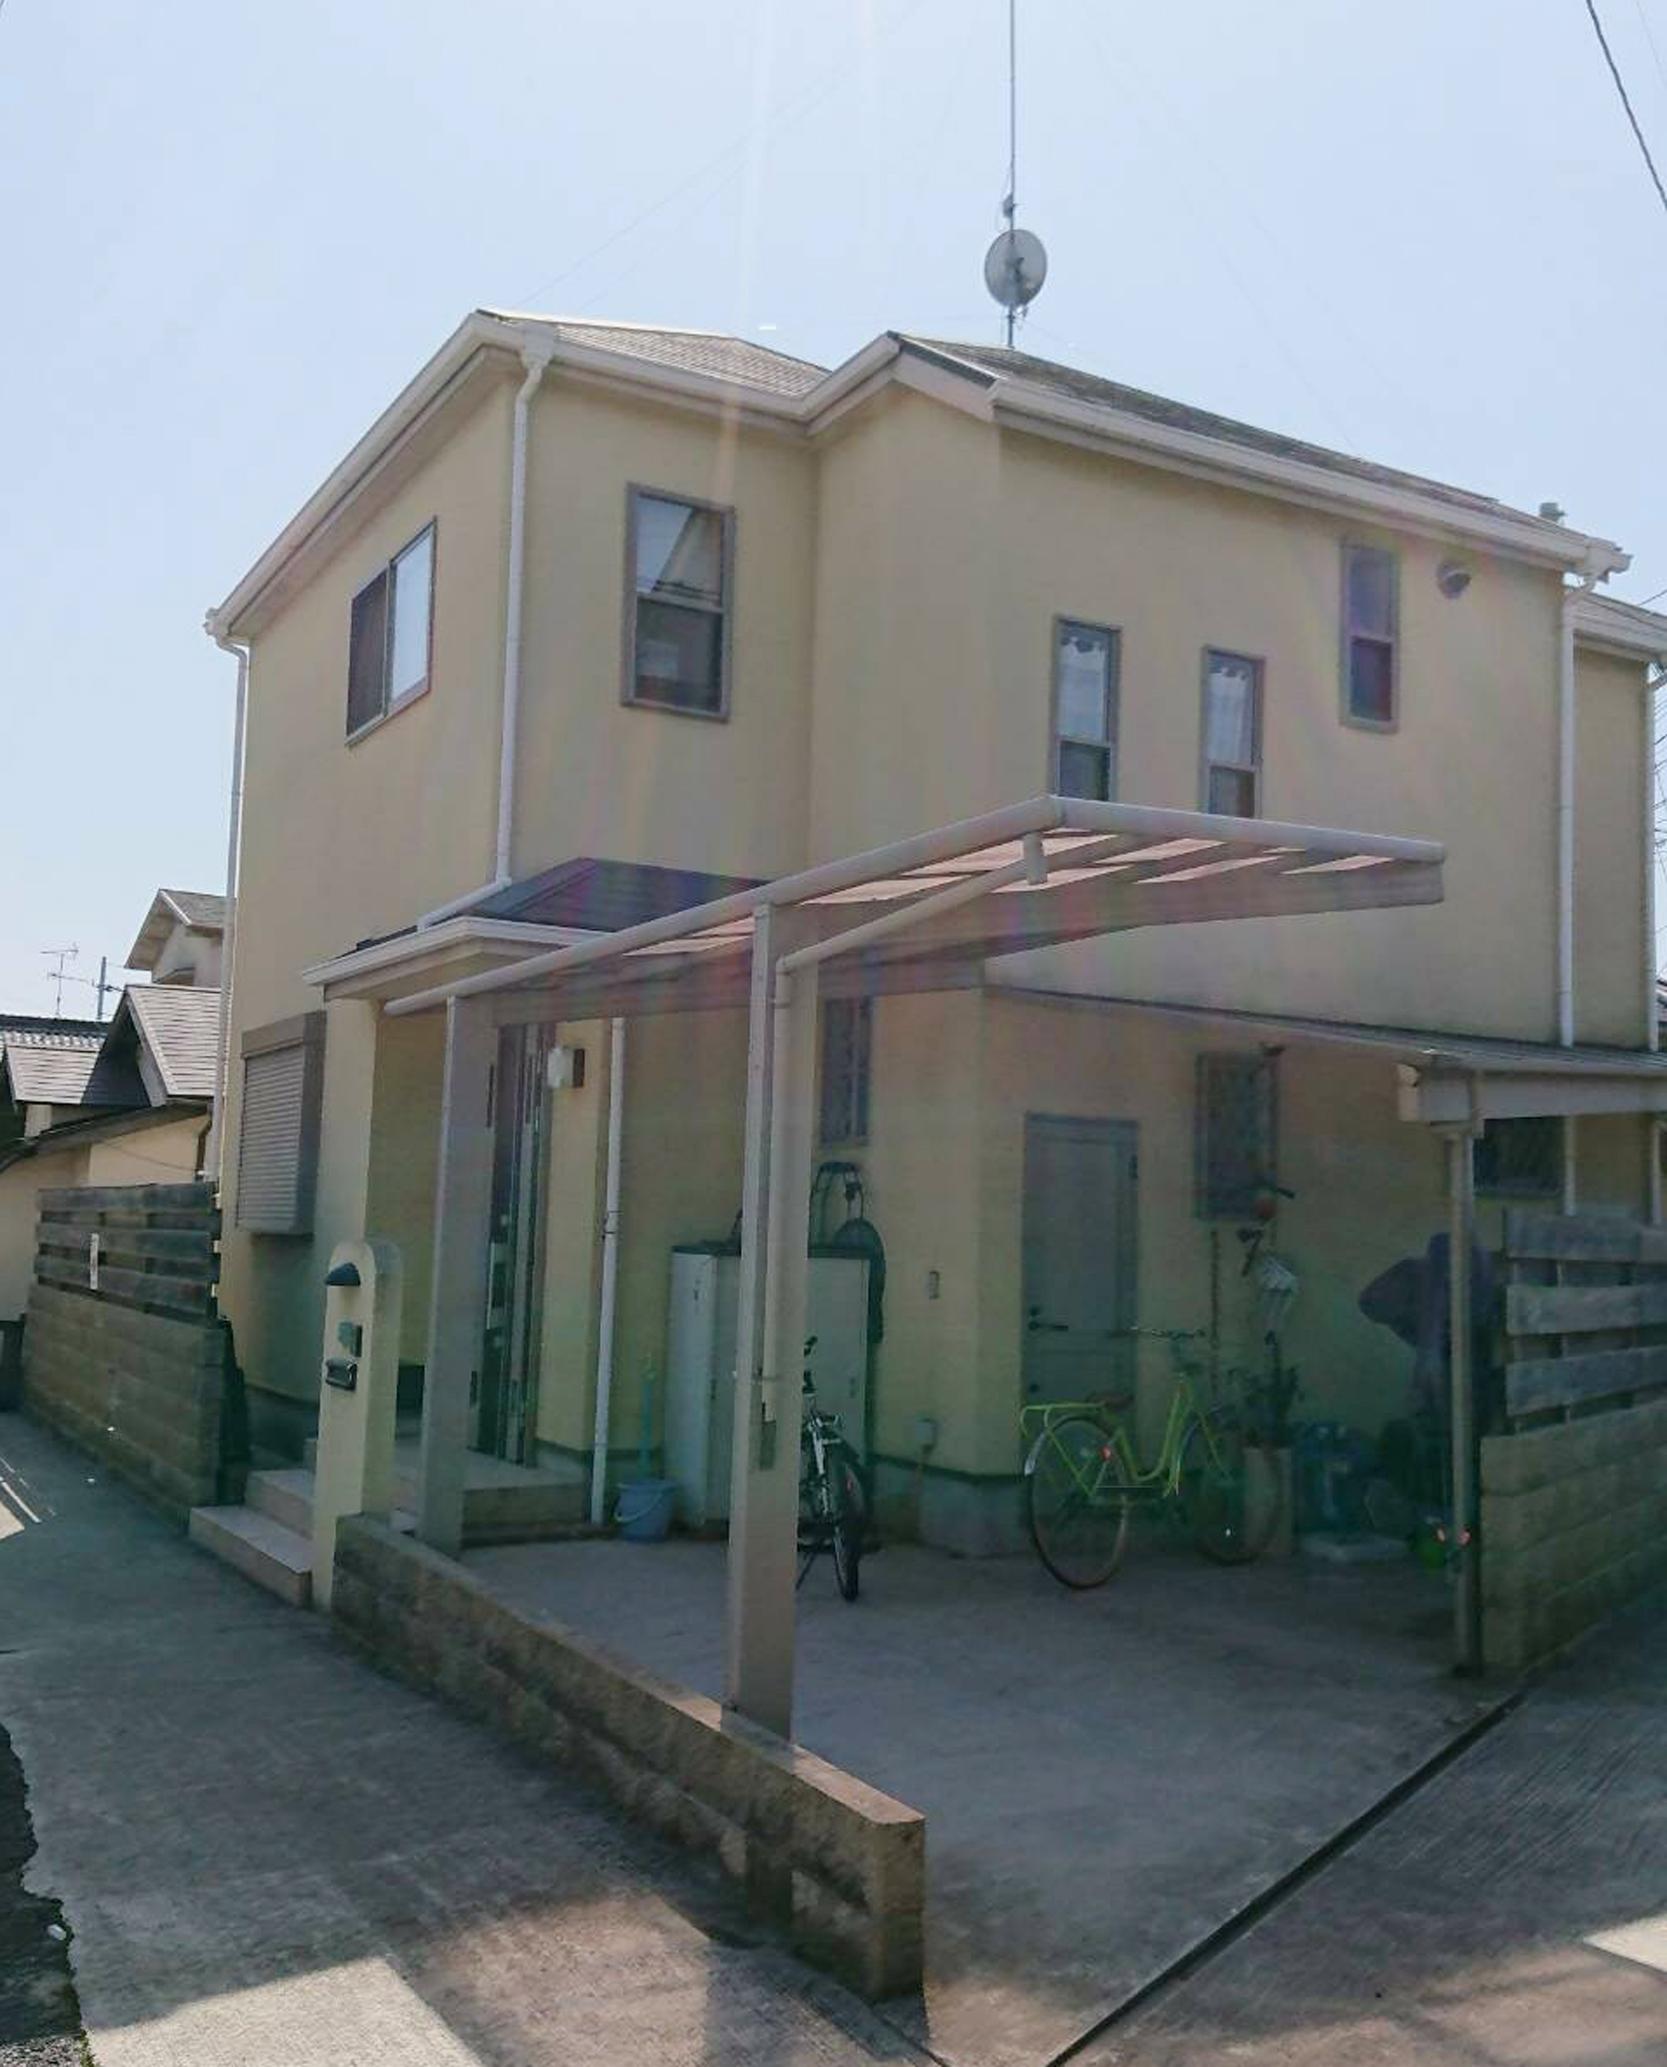 川西市下加茂 雨漏れ対策も考えての外壁塗装工事